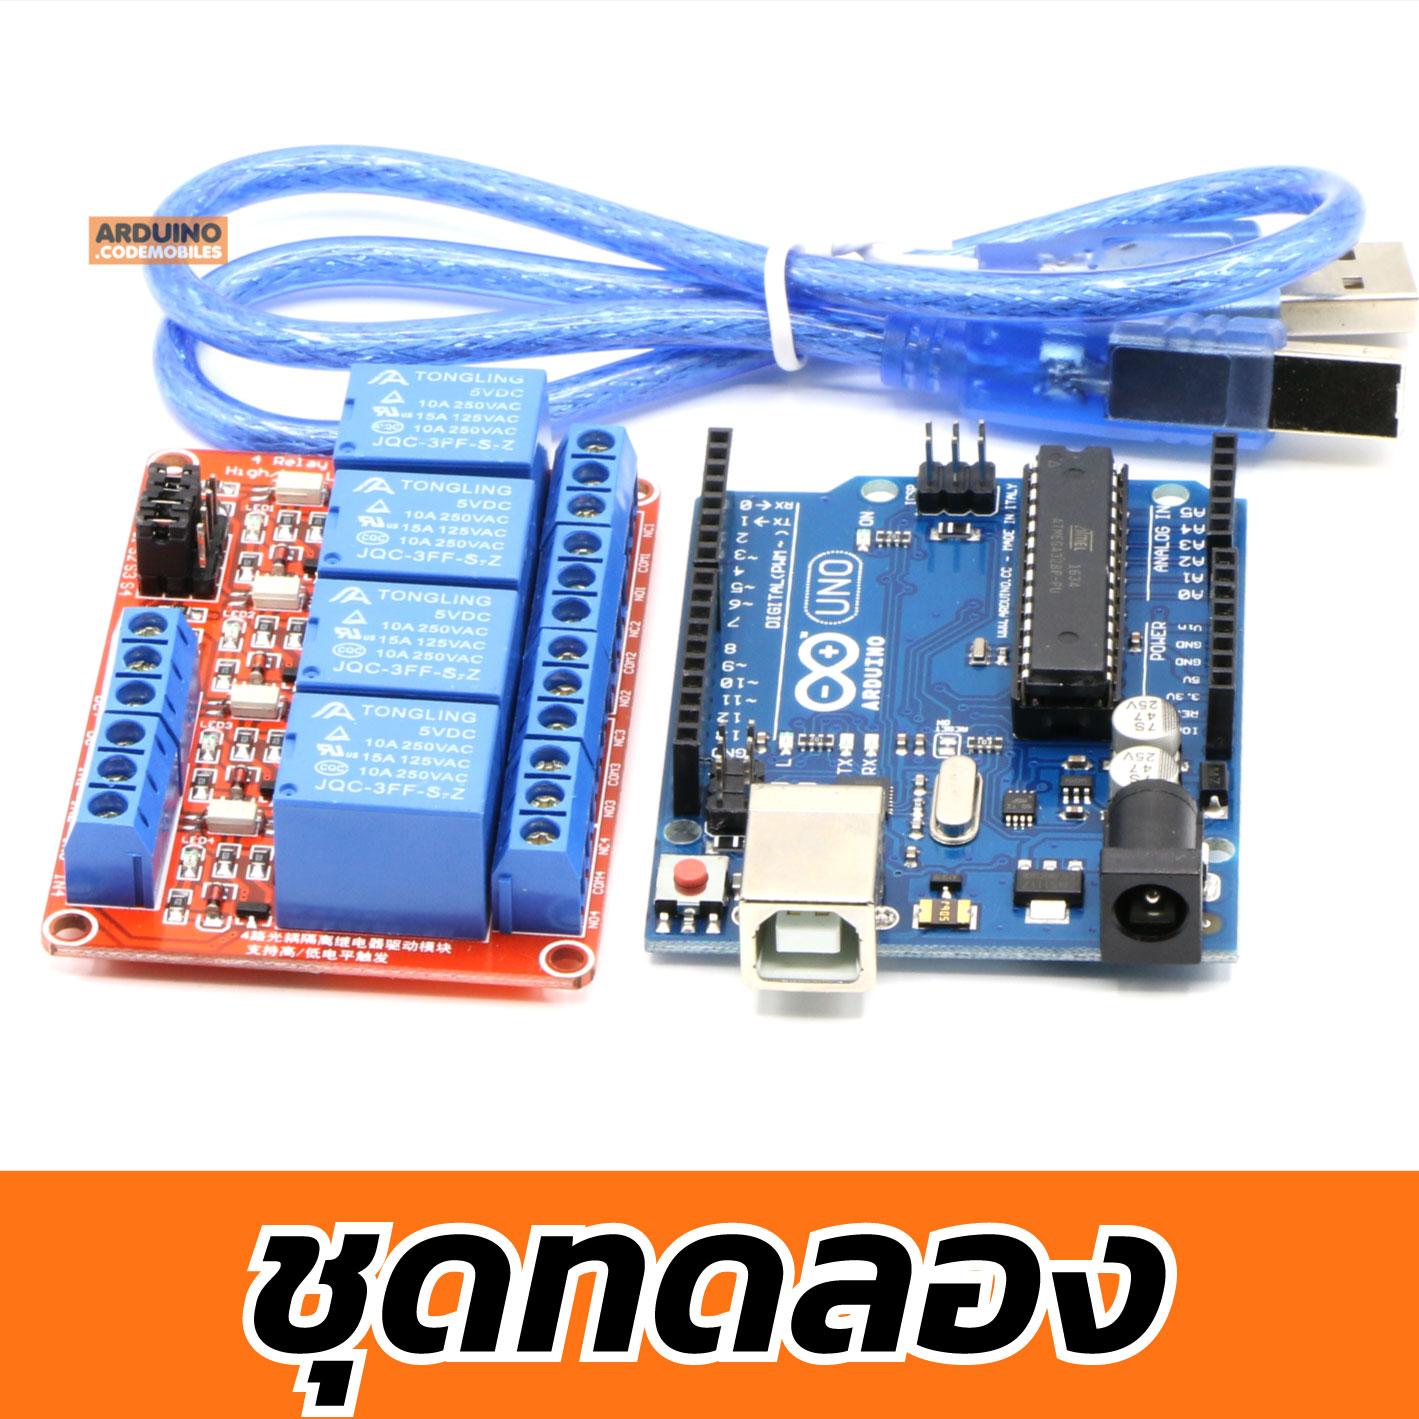 ชุดยอดนิยม Arduino UNO R3 พร้อมสาย USB และบอร์ด 5VDC 4-Channel Relay